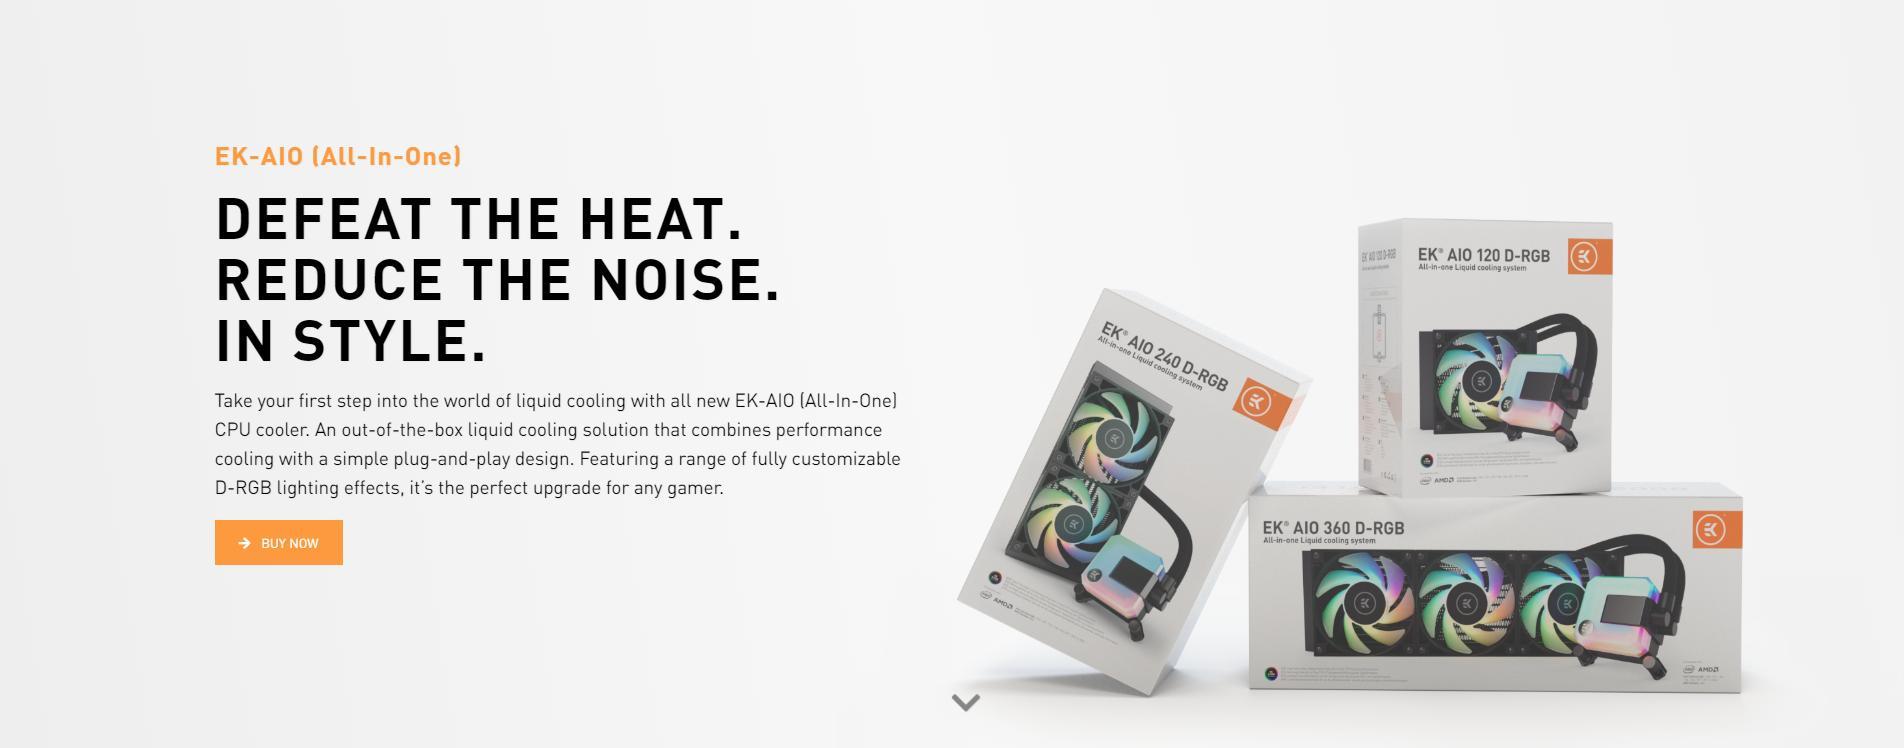 Tản nhiệt nước EK-AIO 120 D-RGB đánh bại nhiệt độ - Giảm thiểu độ ồn - Mang đến phong cách riêng